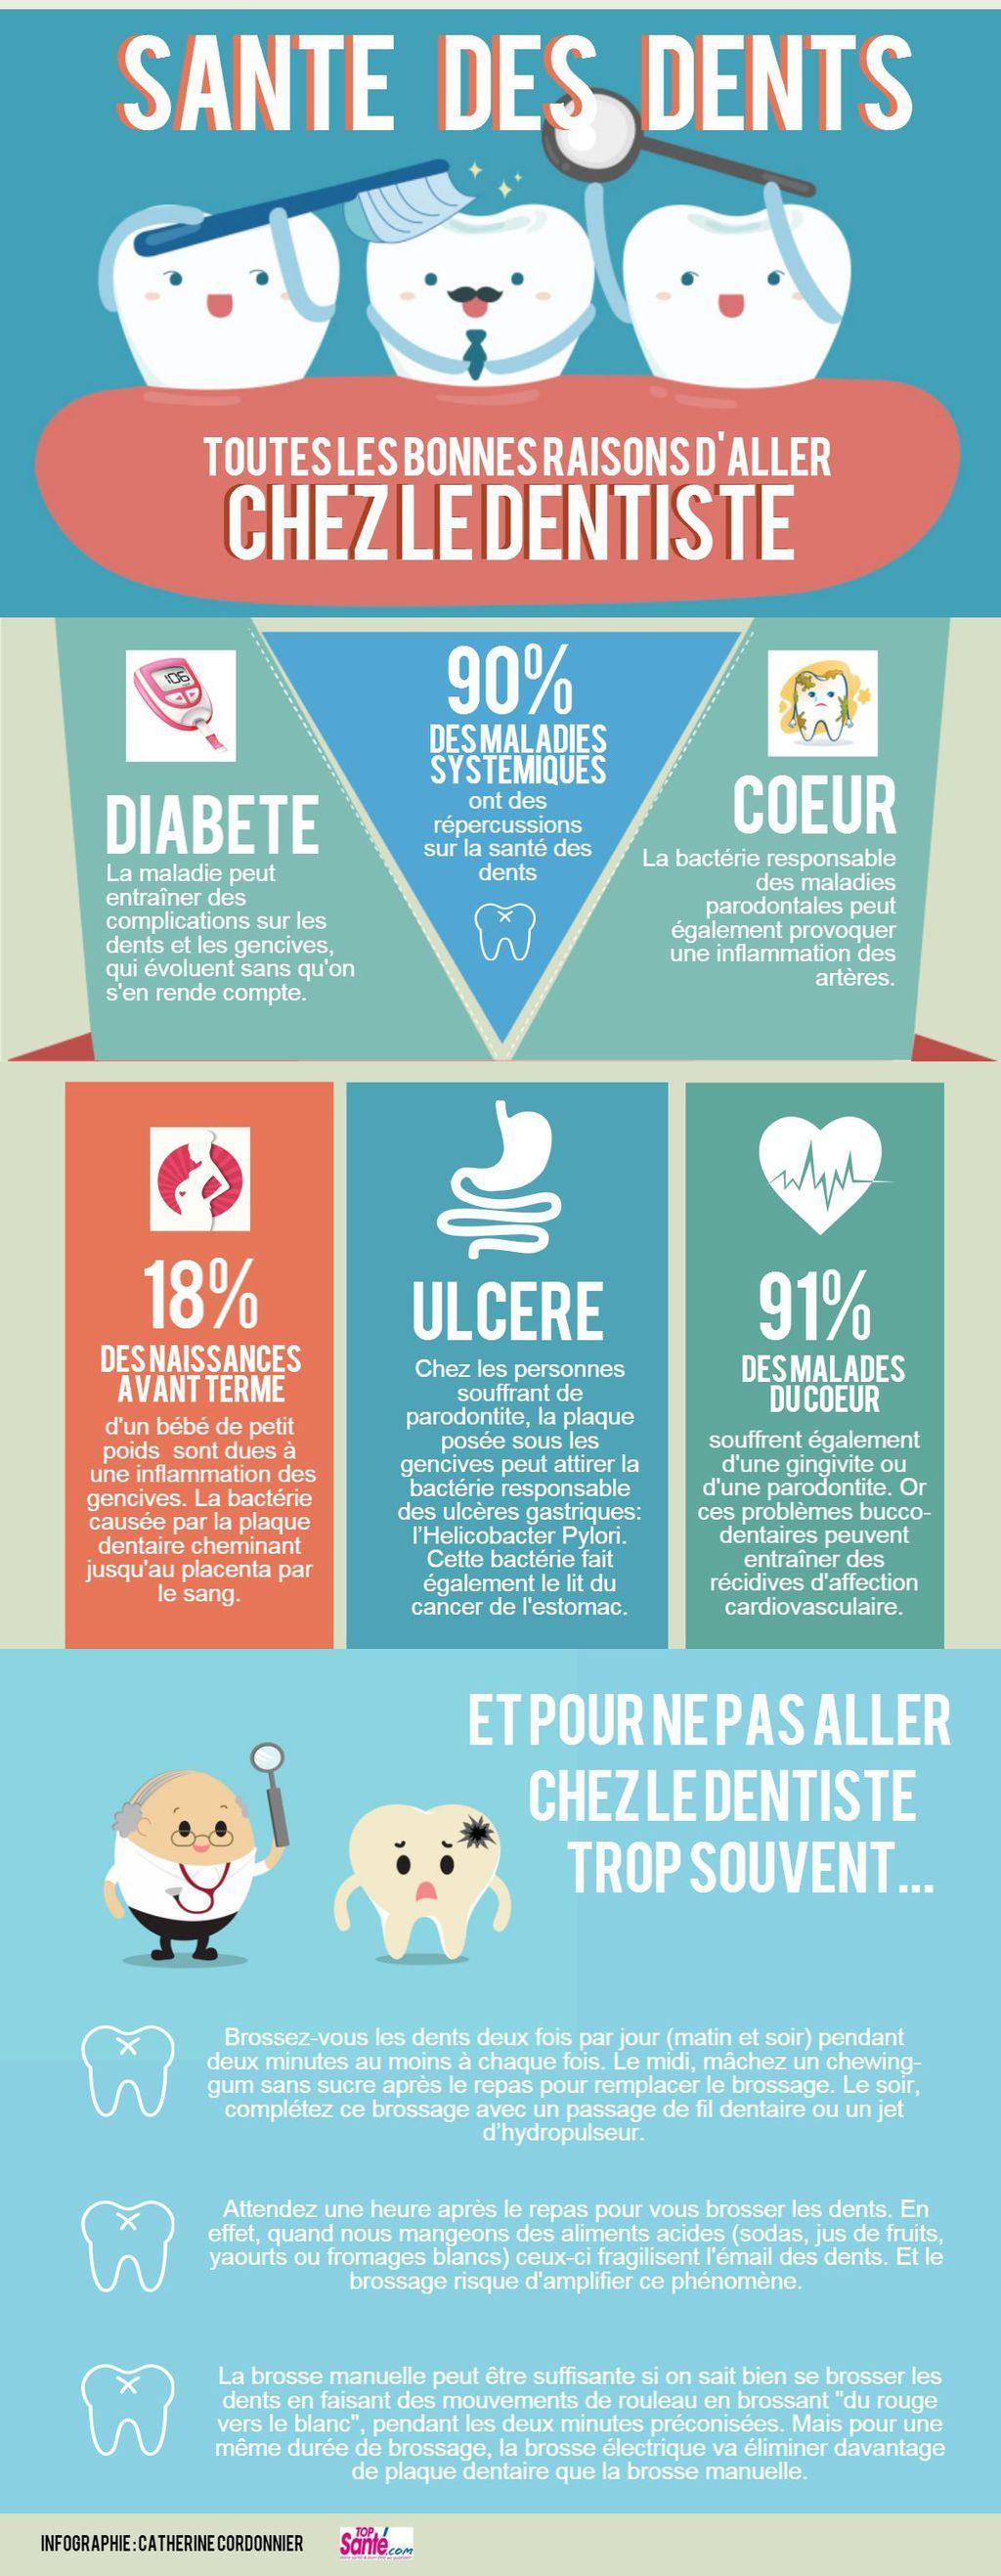 Infographie Les Bonnes Raisons D Aller Chez Le Dentiste Sante Bucco Dentaire Dentiste Dentaire